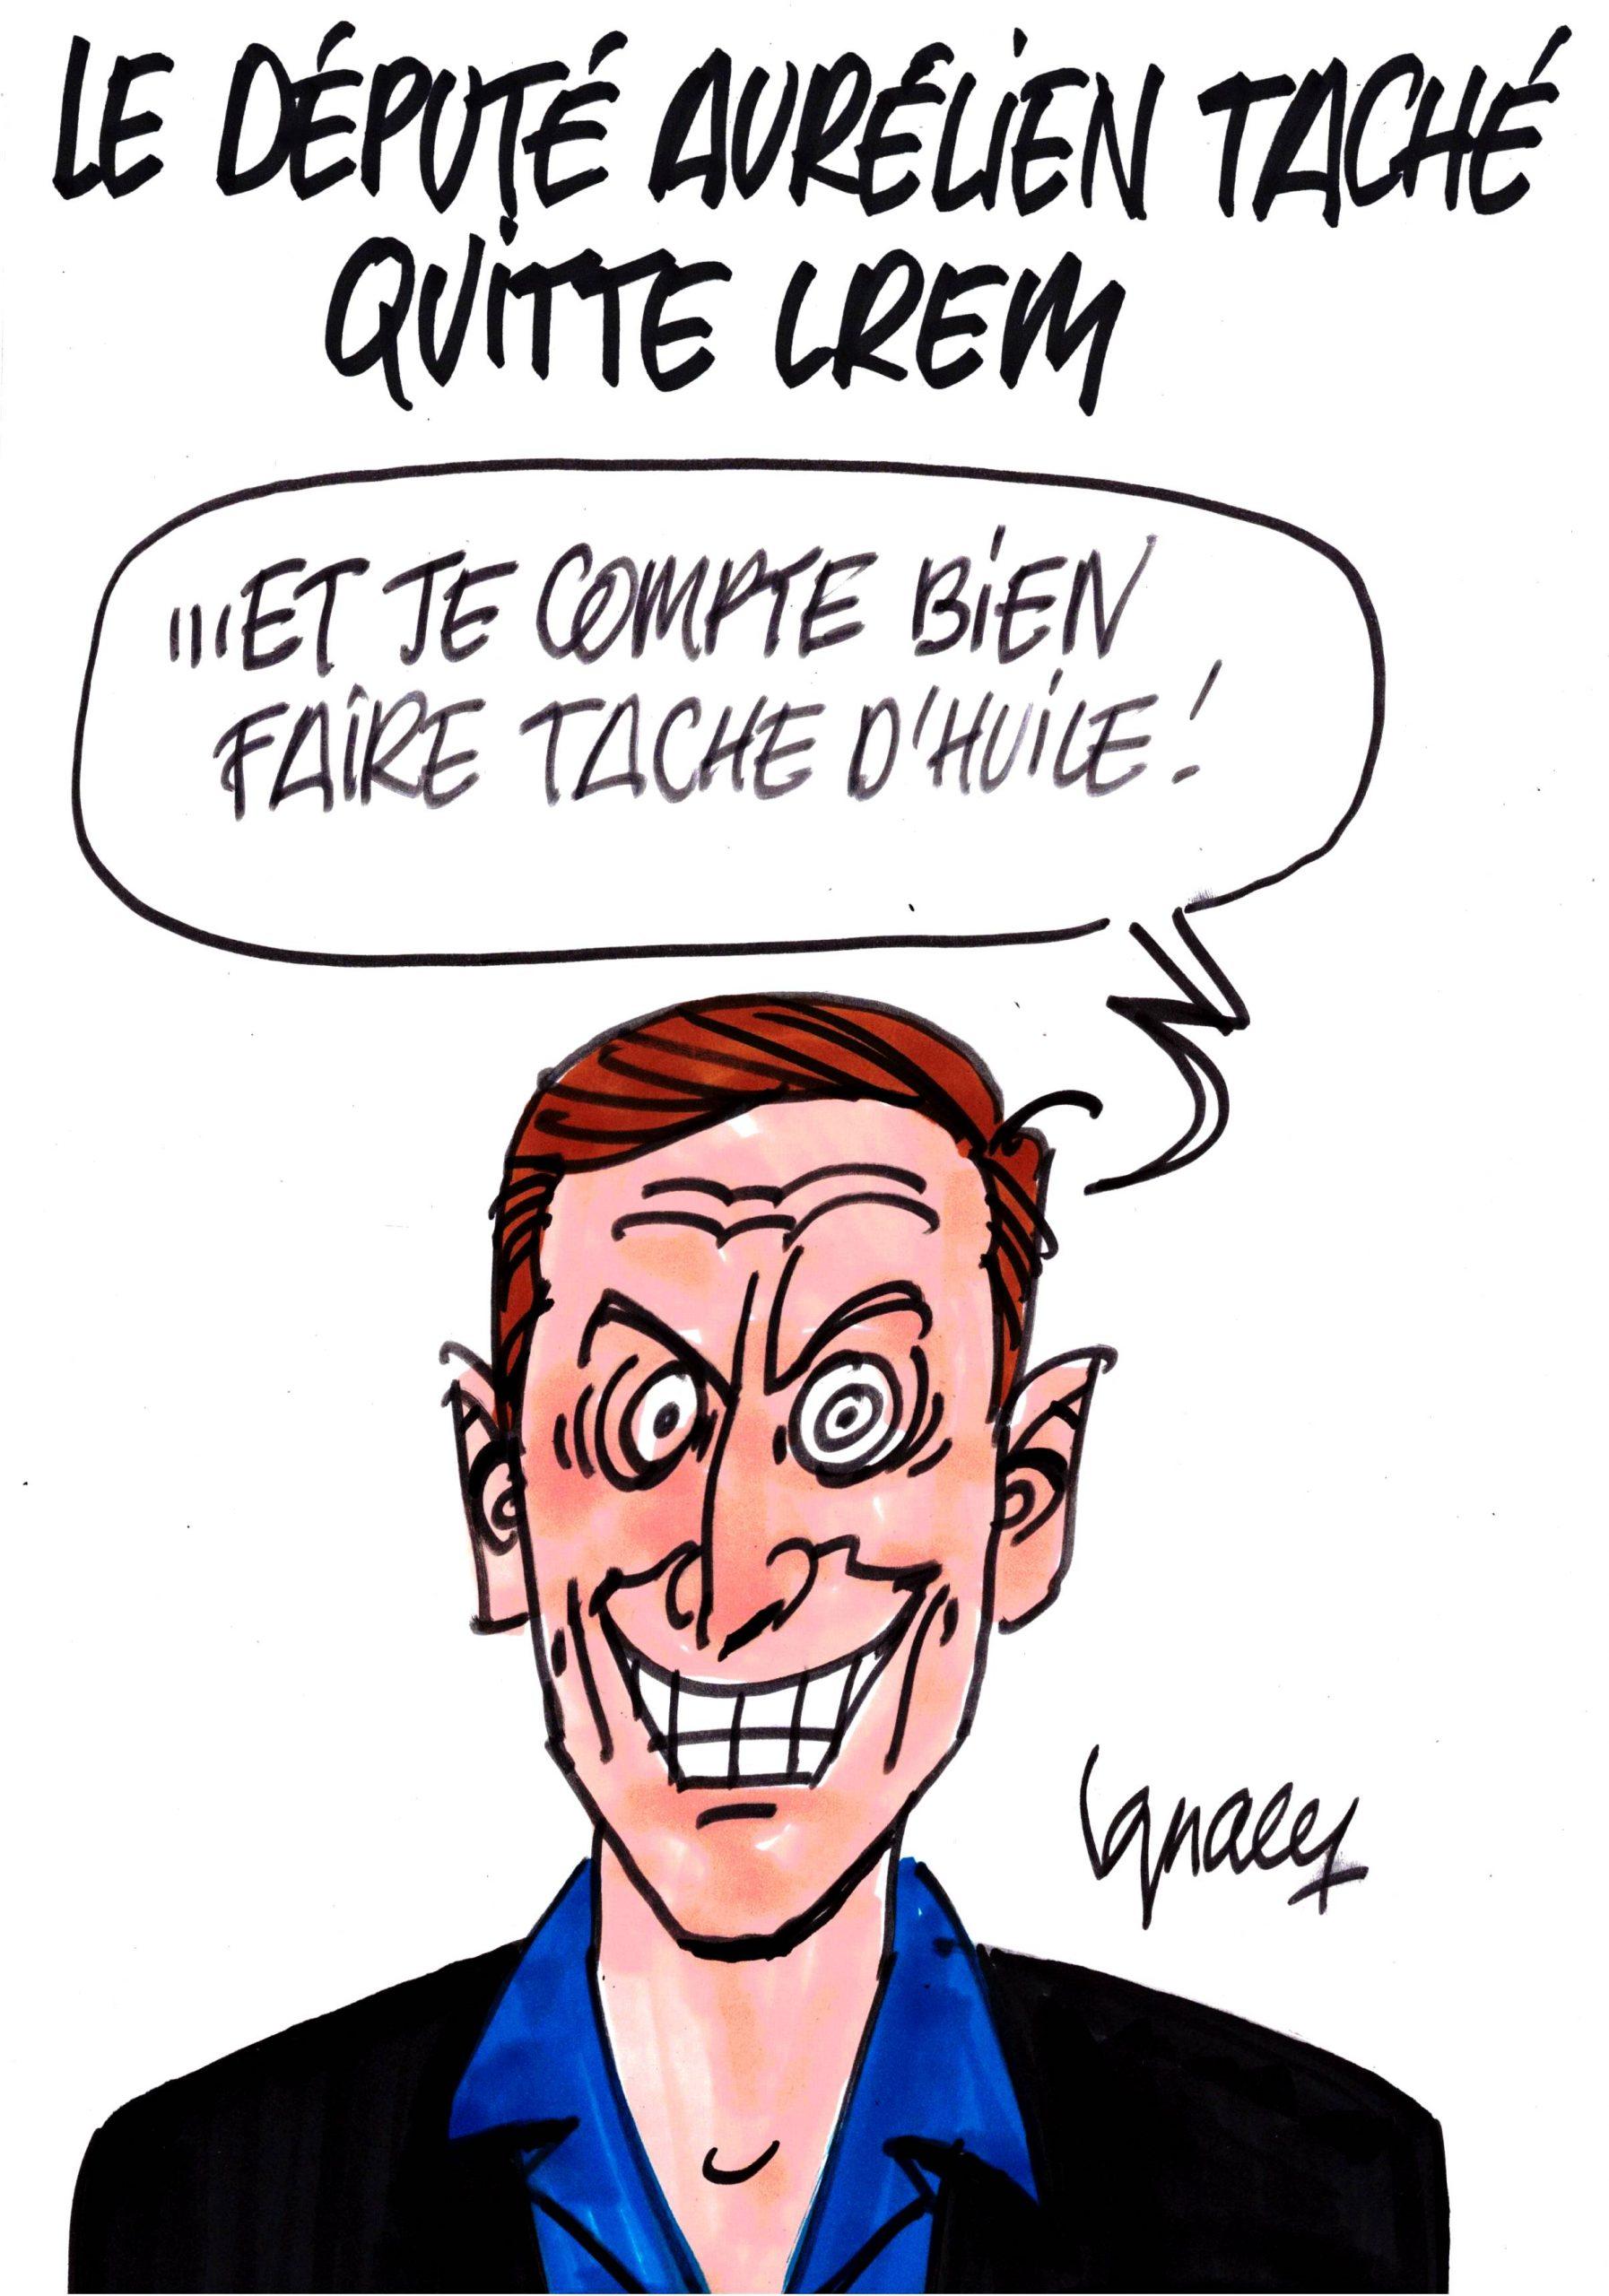 Ignace - Aurélien Taché quitte LREM